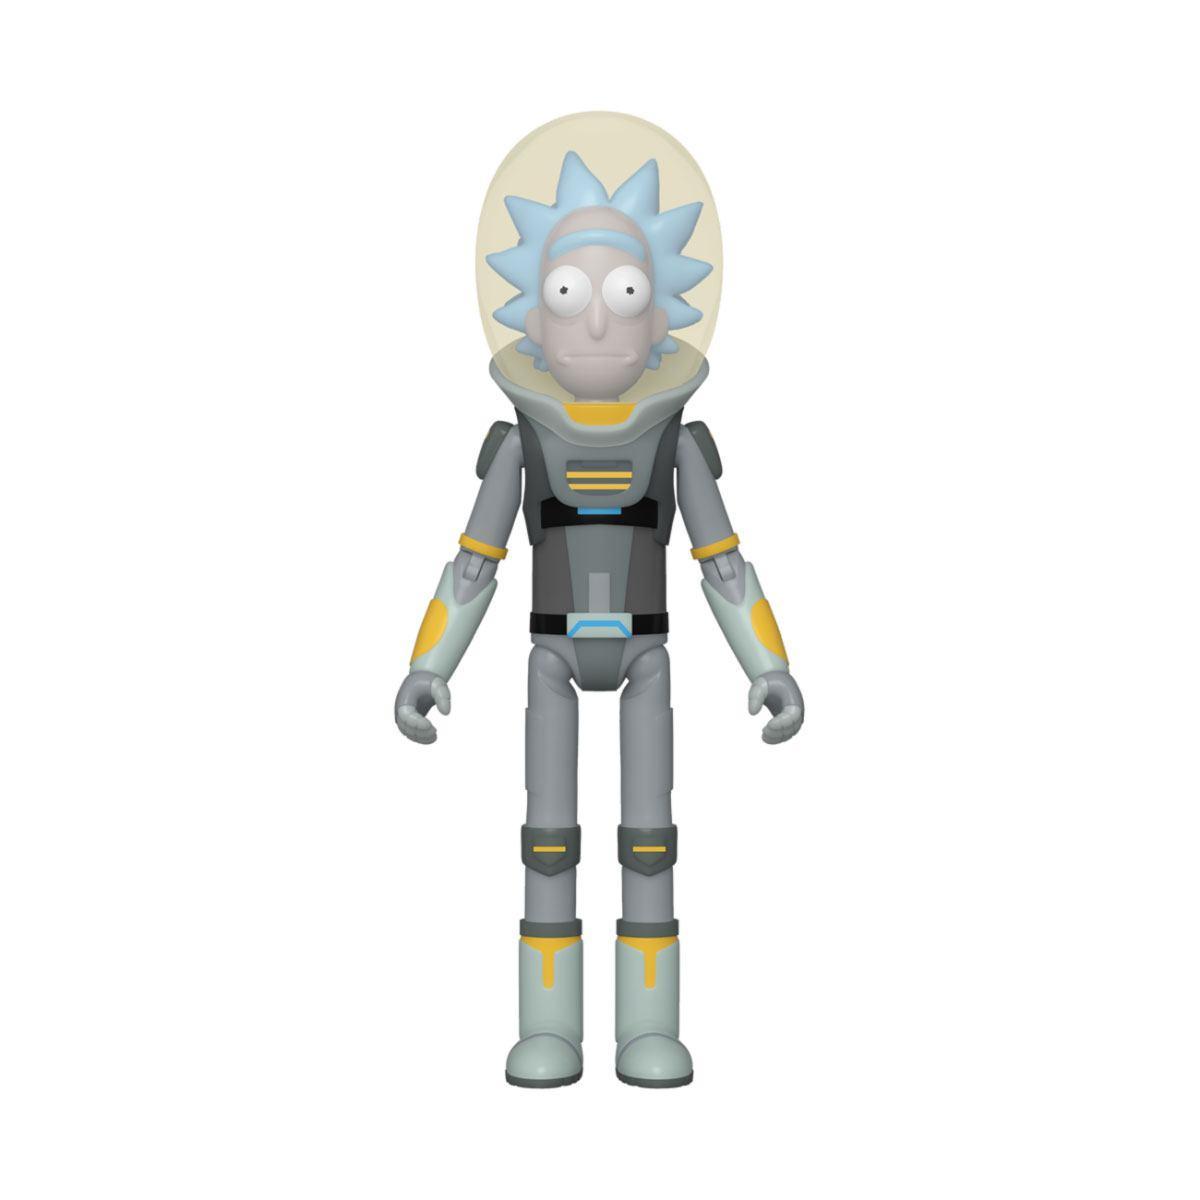 Rick morty figurine space suit rick 10 cm